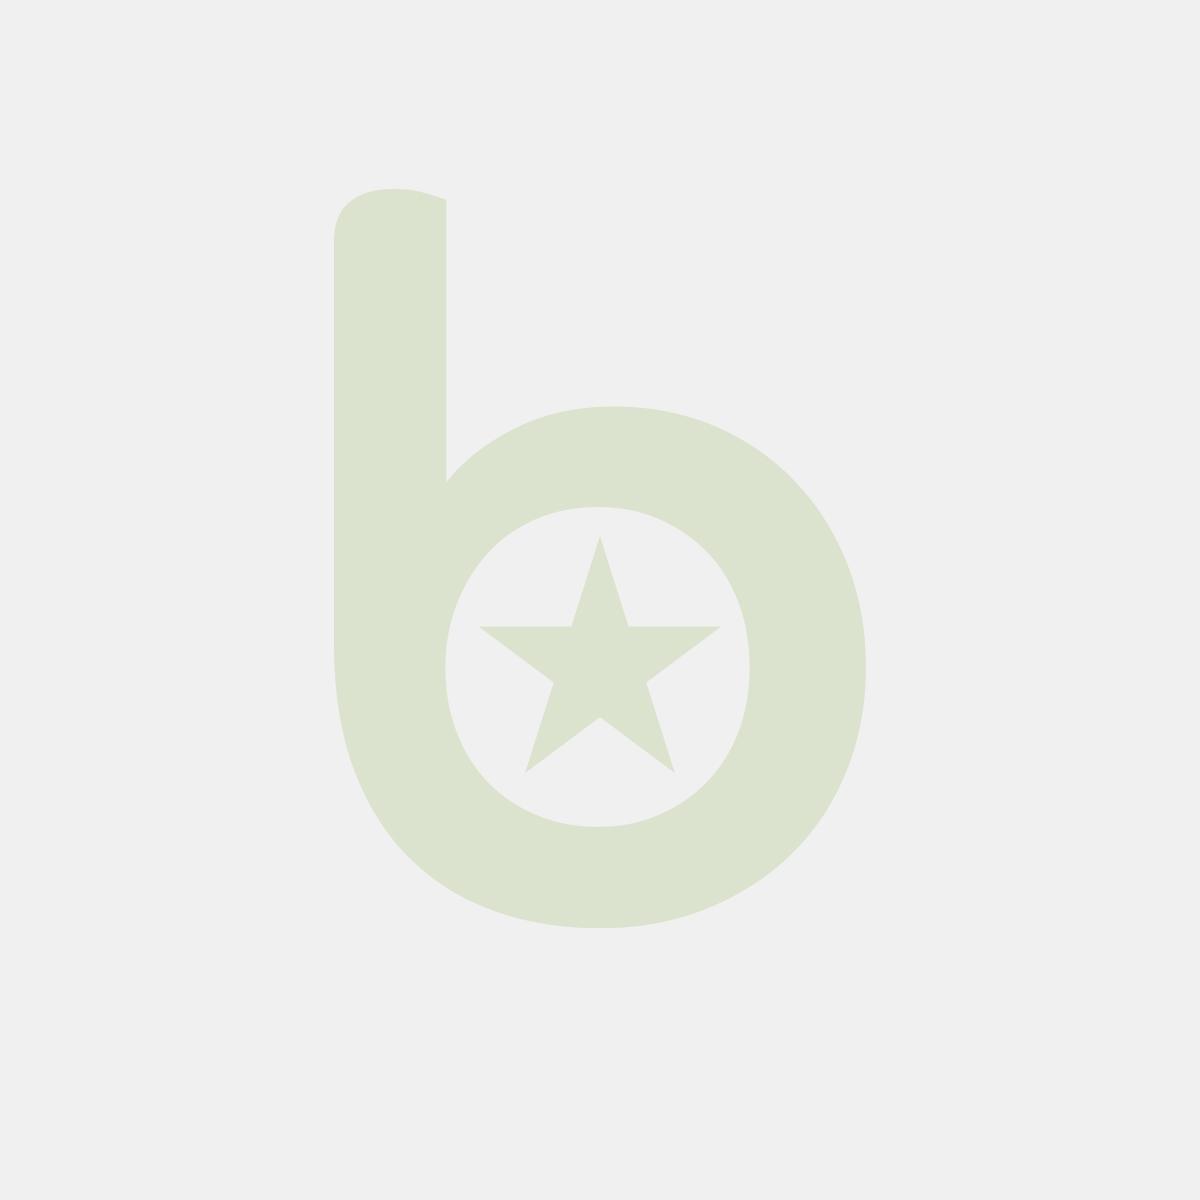 Koperta KEBAB - CERTYFIKAT DOBREGO SMAKU, cena za opakowanie 1000szt